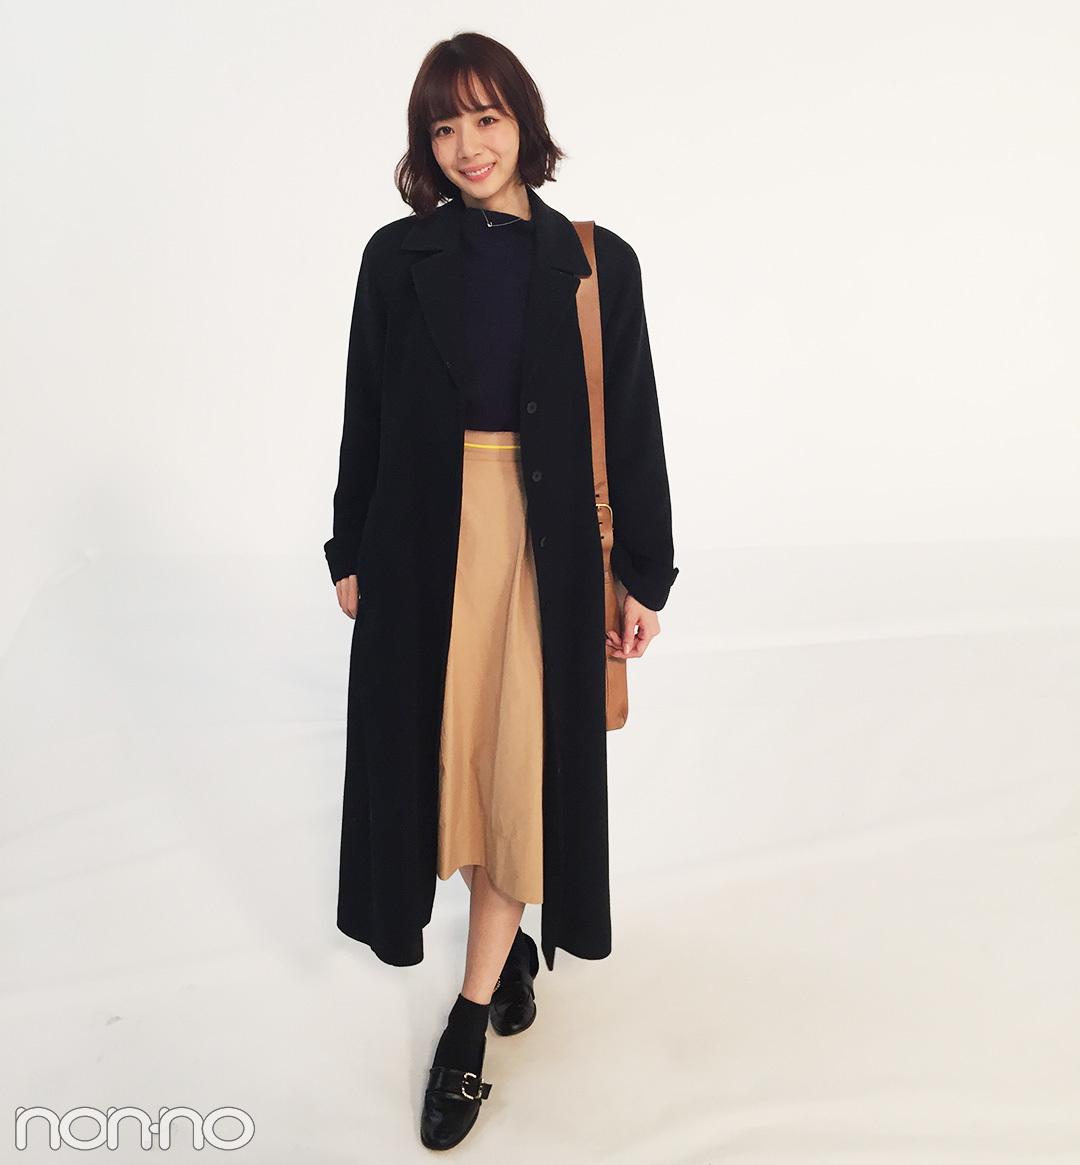 岡田紗佳の冬コーデは黒&ベージュで大人っぽく!【モデルの私服スナップ】_1_1